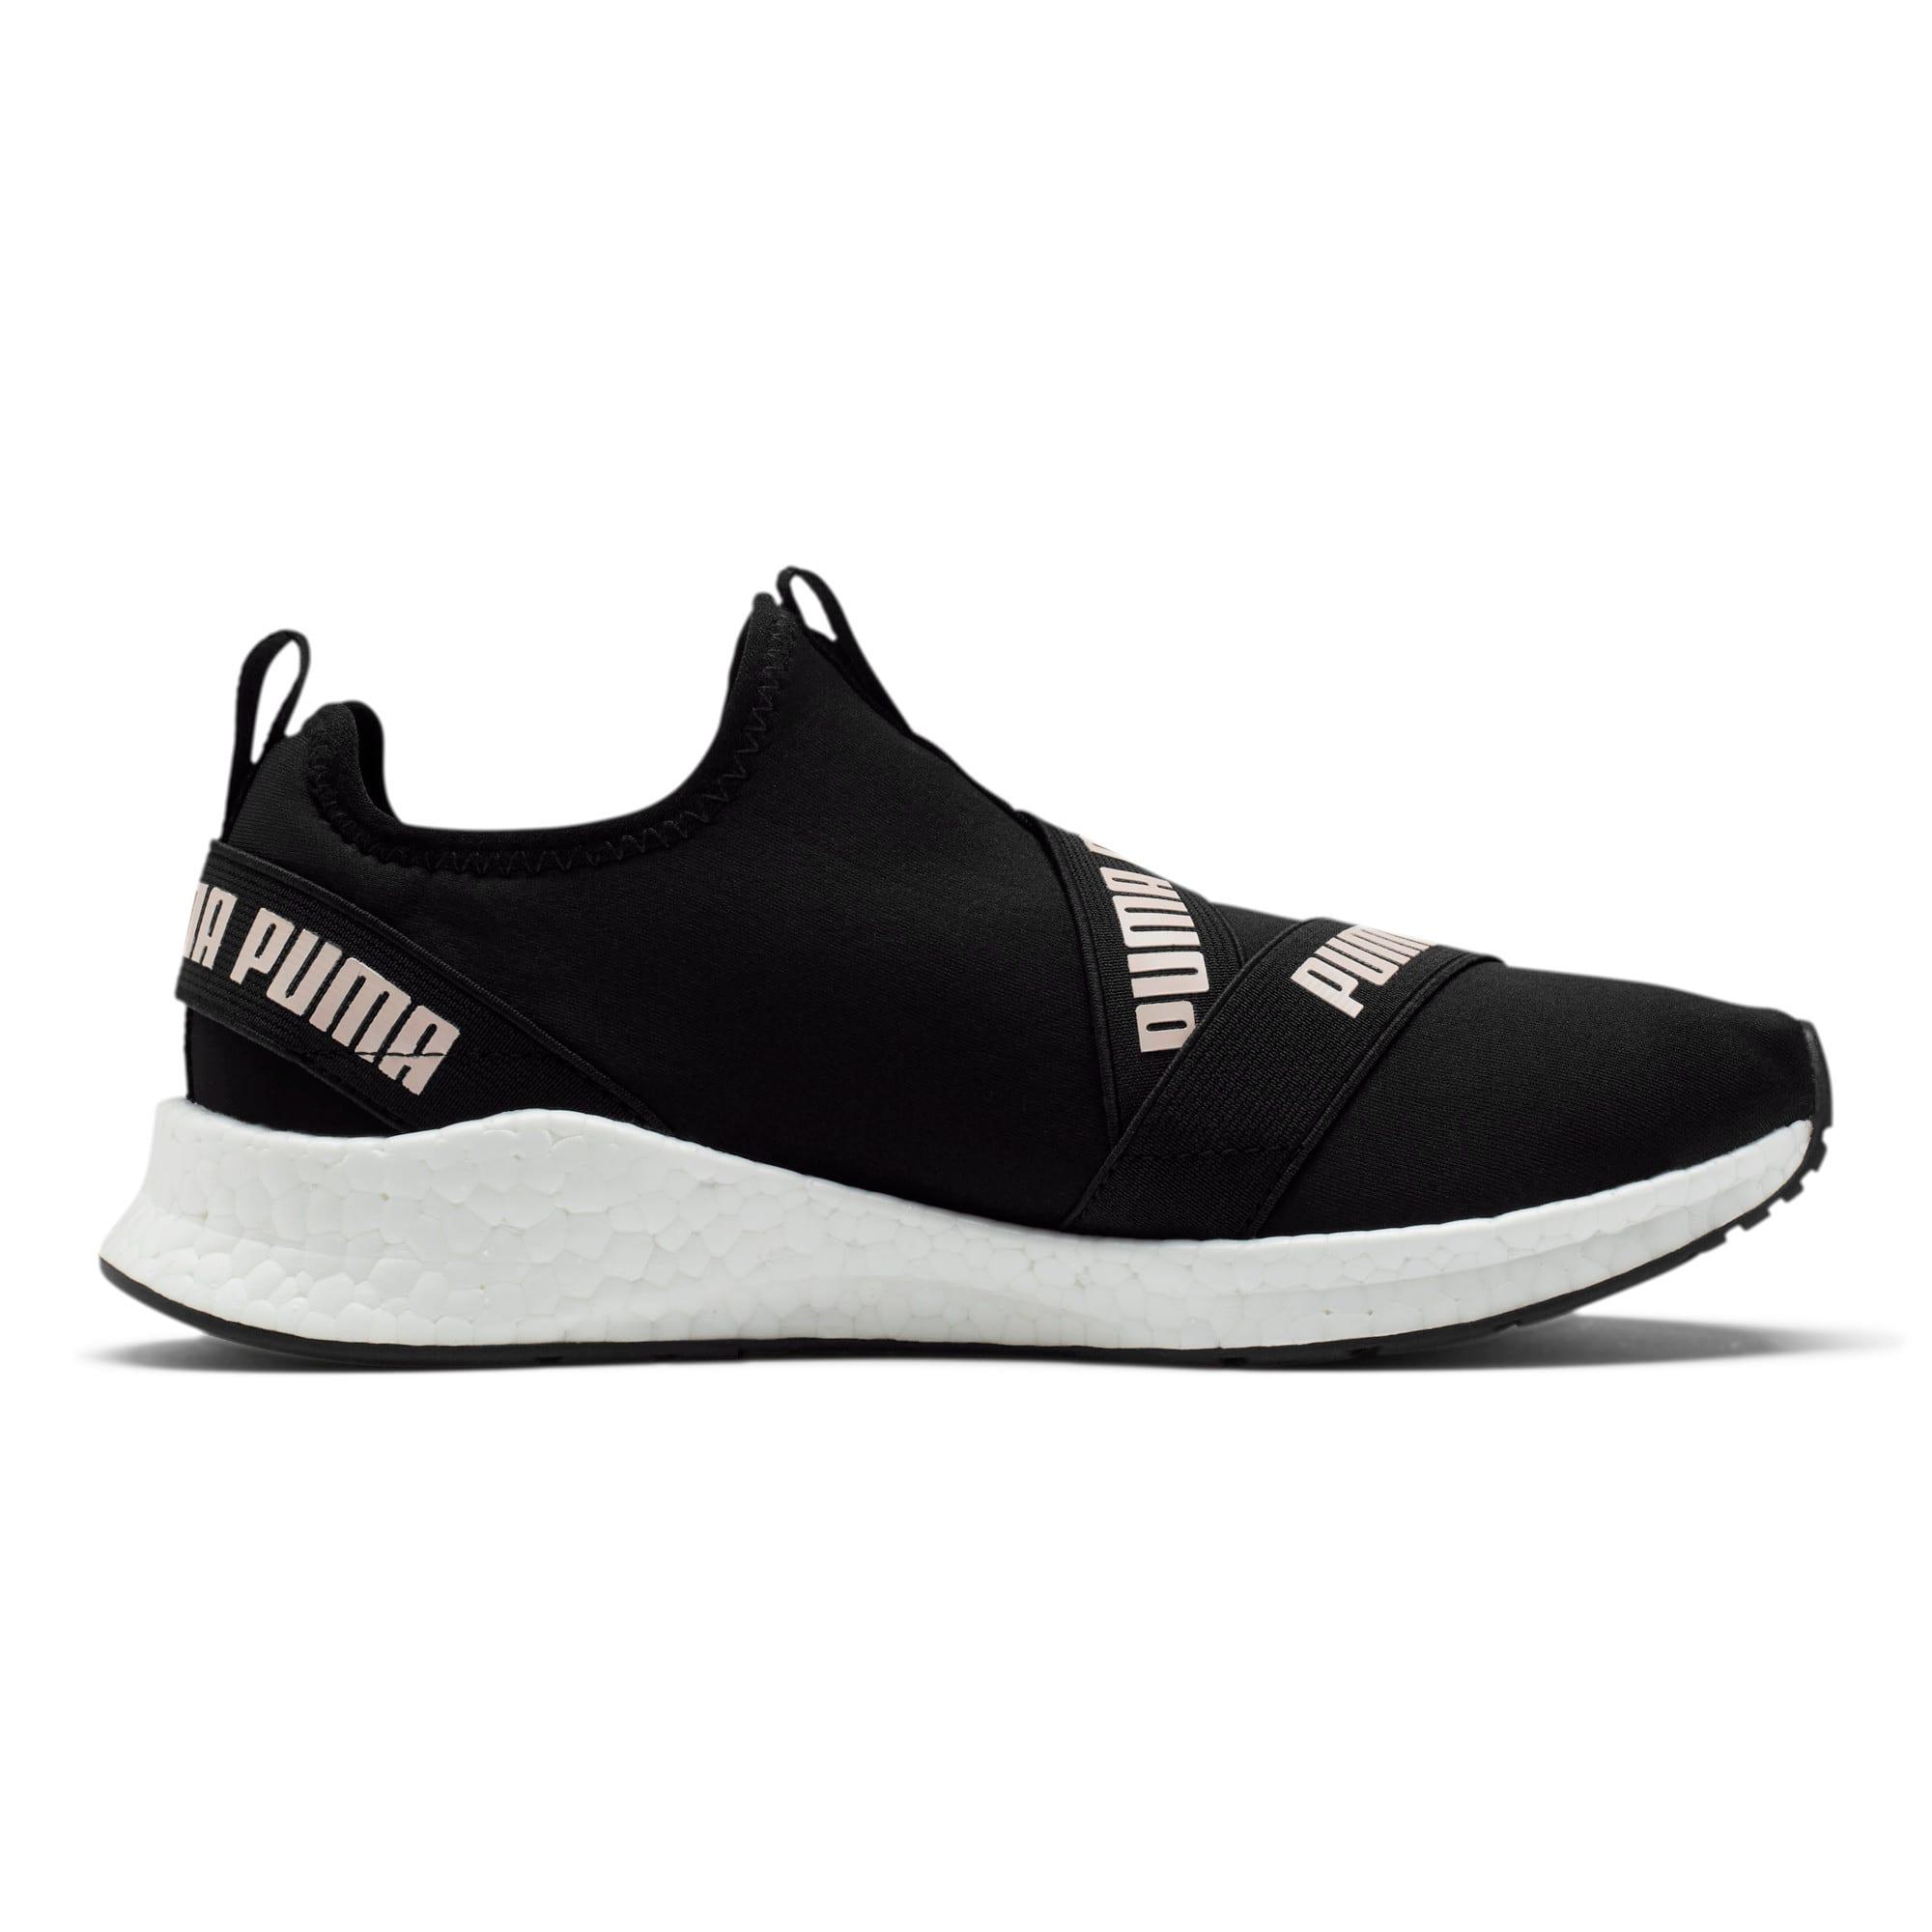 Thumbnail 5 of NRGY Star Slip-On Women's Running Shoes, Black-Pearl-White, medium